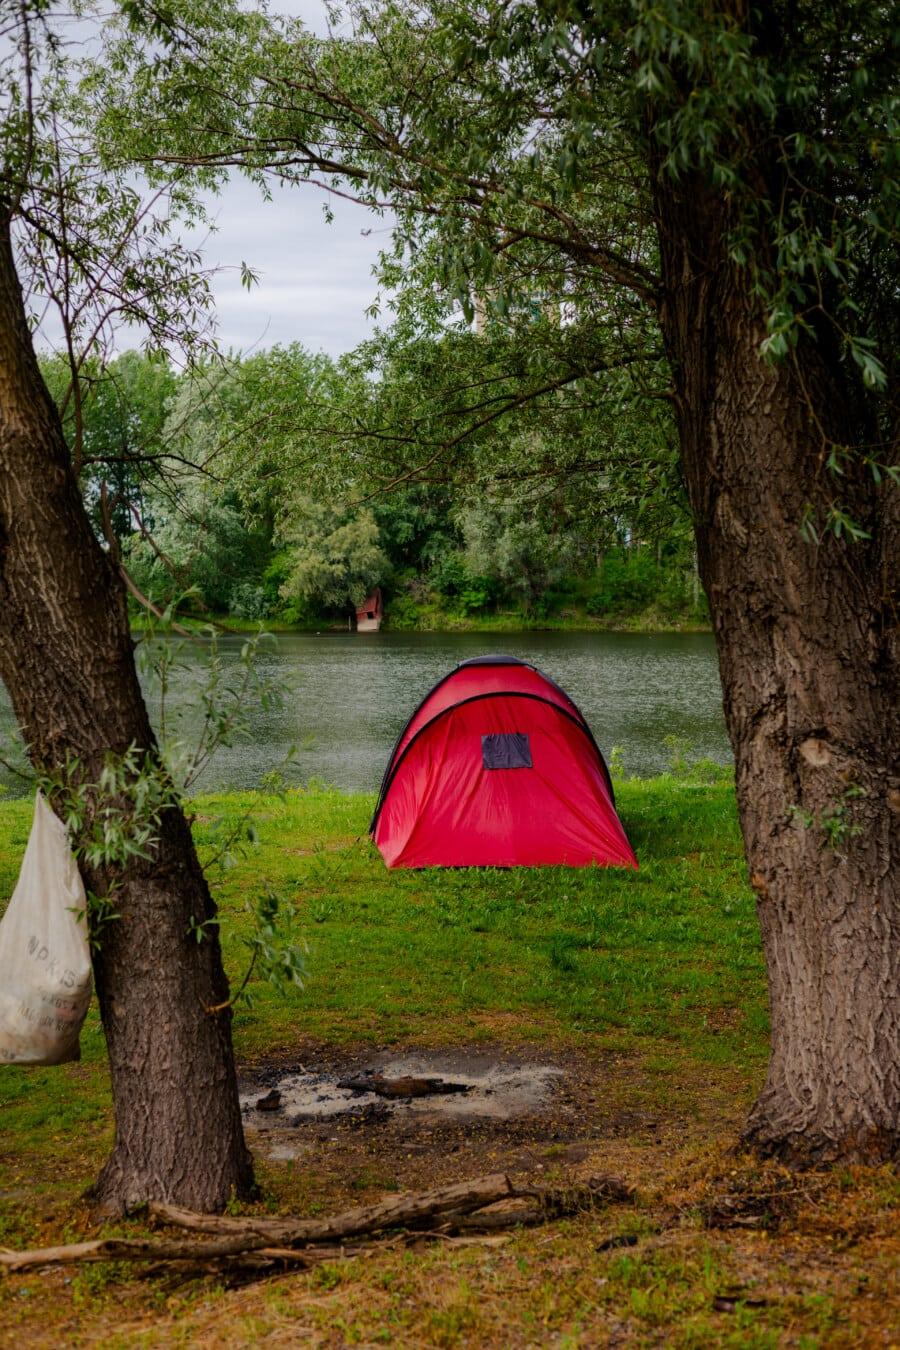 tente, rouge, feu de camp, Camping, forêt, berge, rivière, nature, paysage, arbre